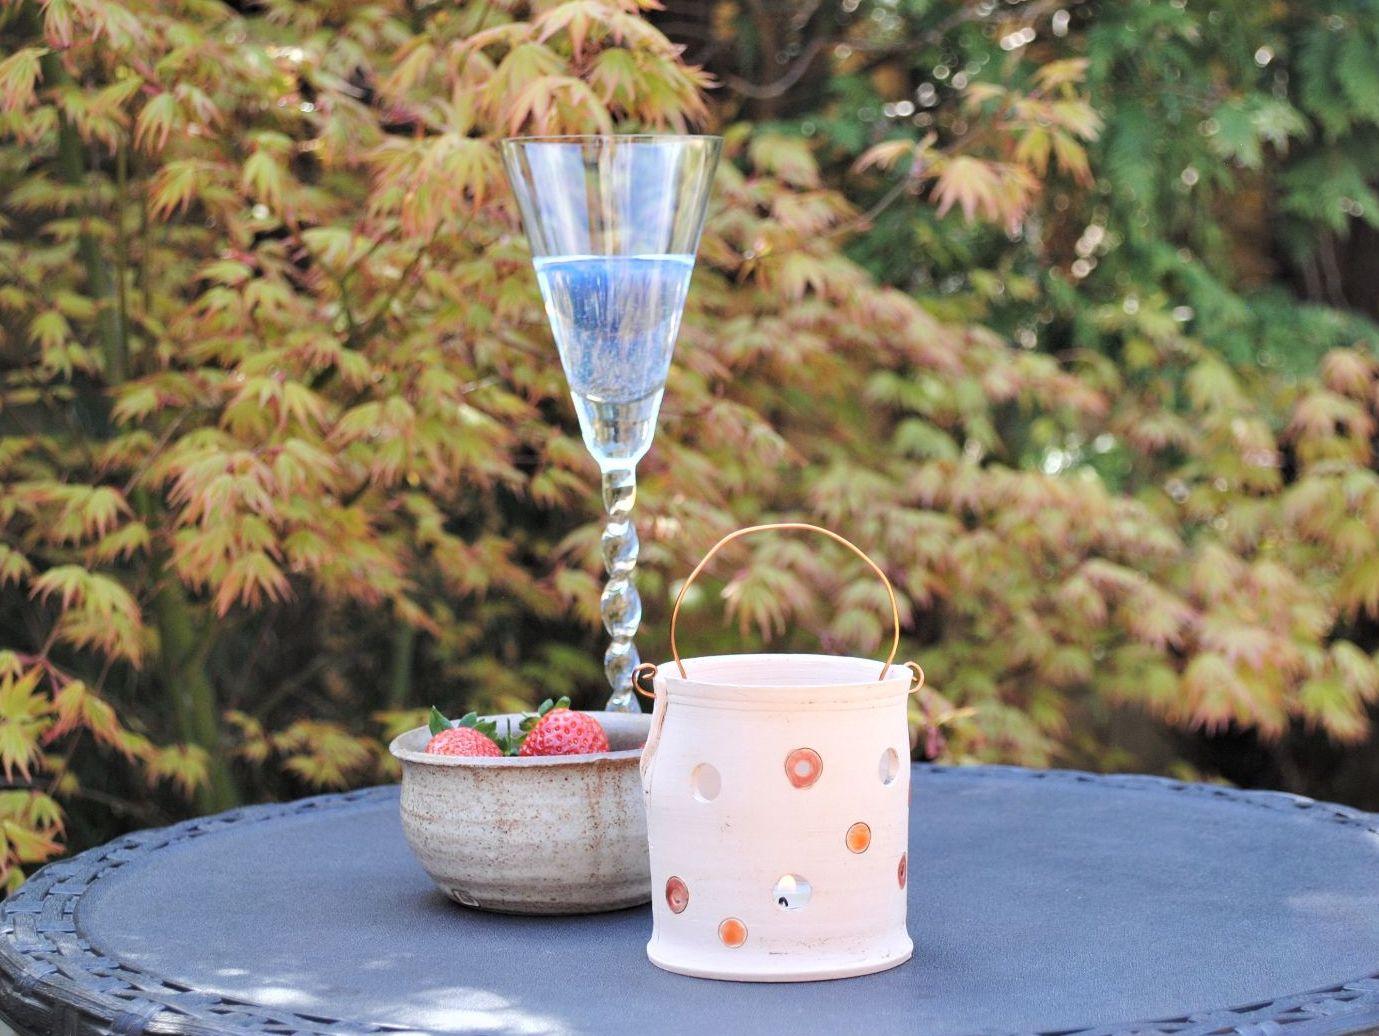 tea light holder for the garden or indoors